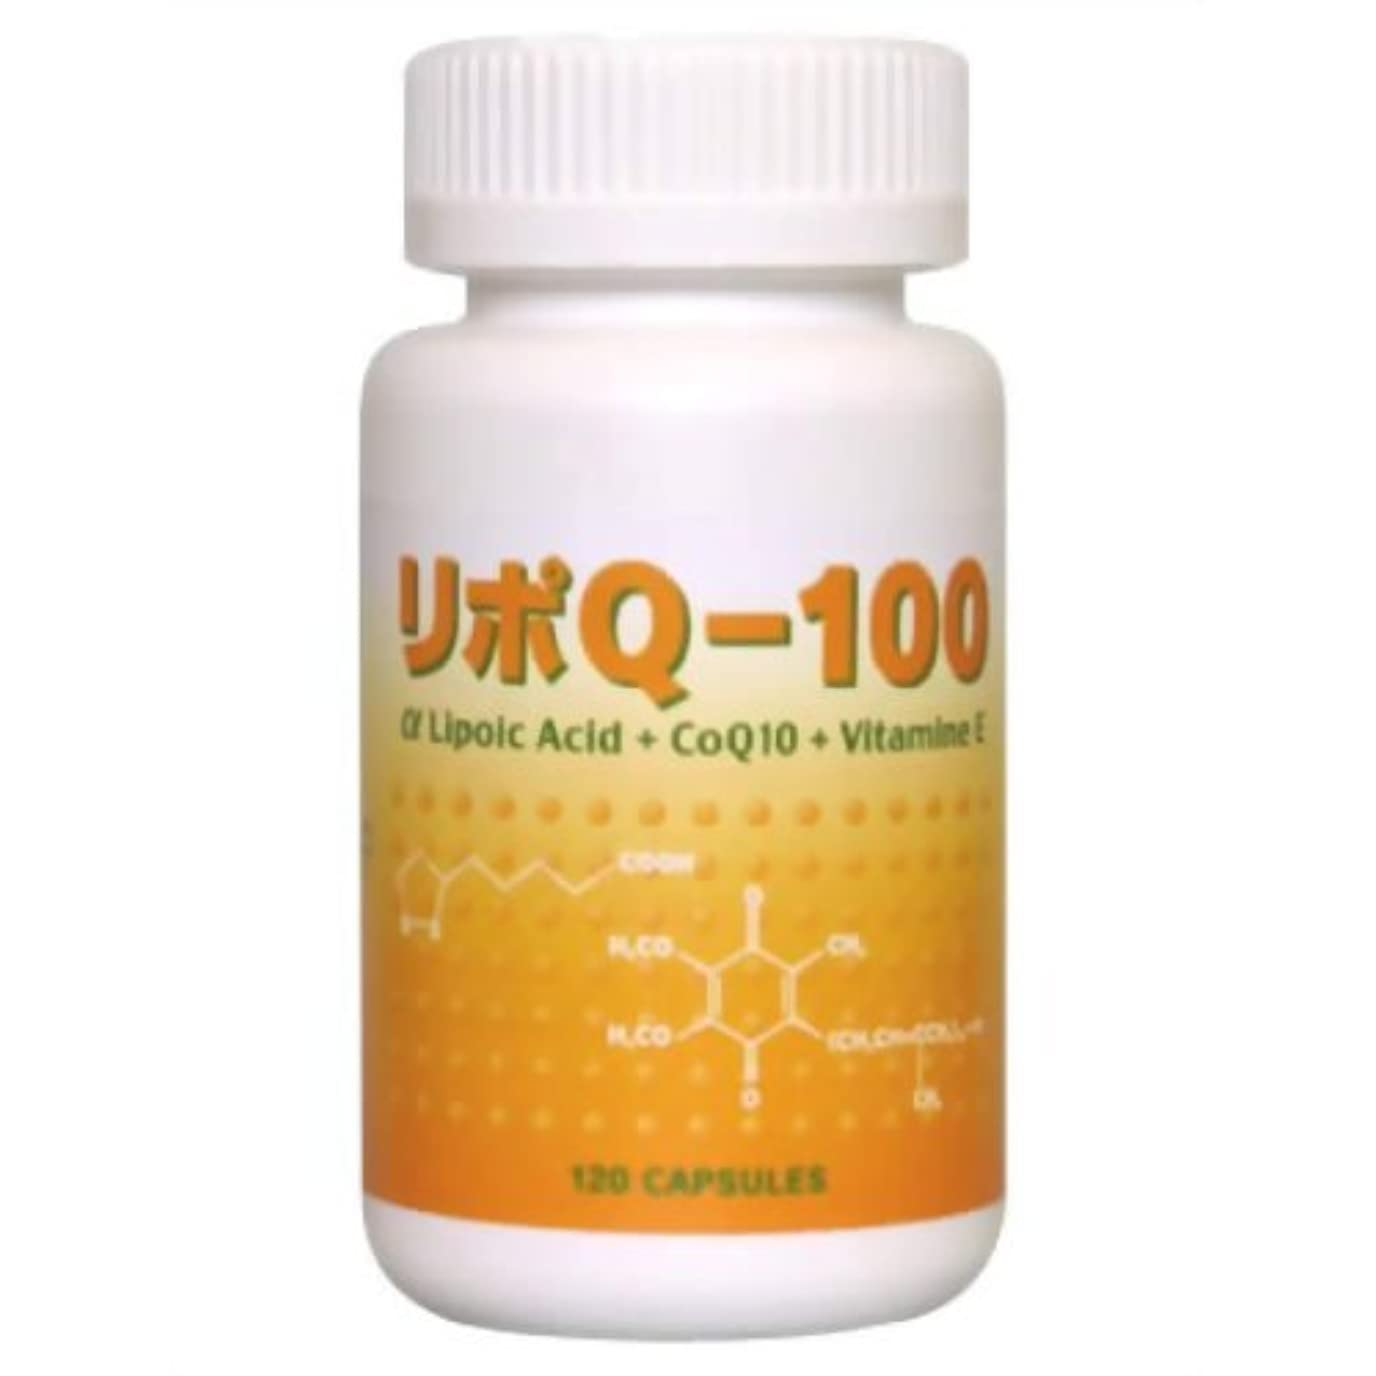 慈悲シュガーフラップリポQ-100 120カプセル(アルファリポ酸/αリポ酸配合)